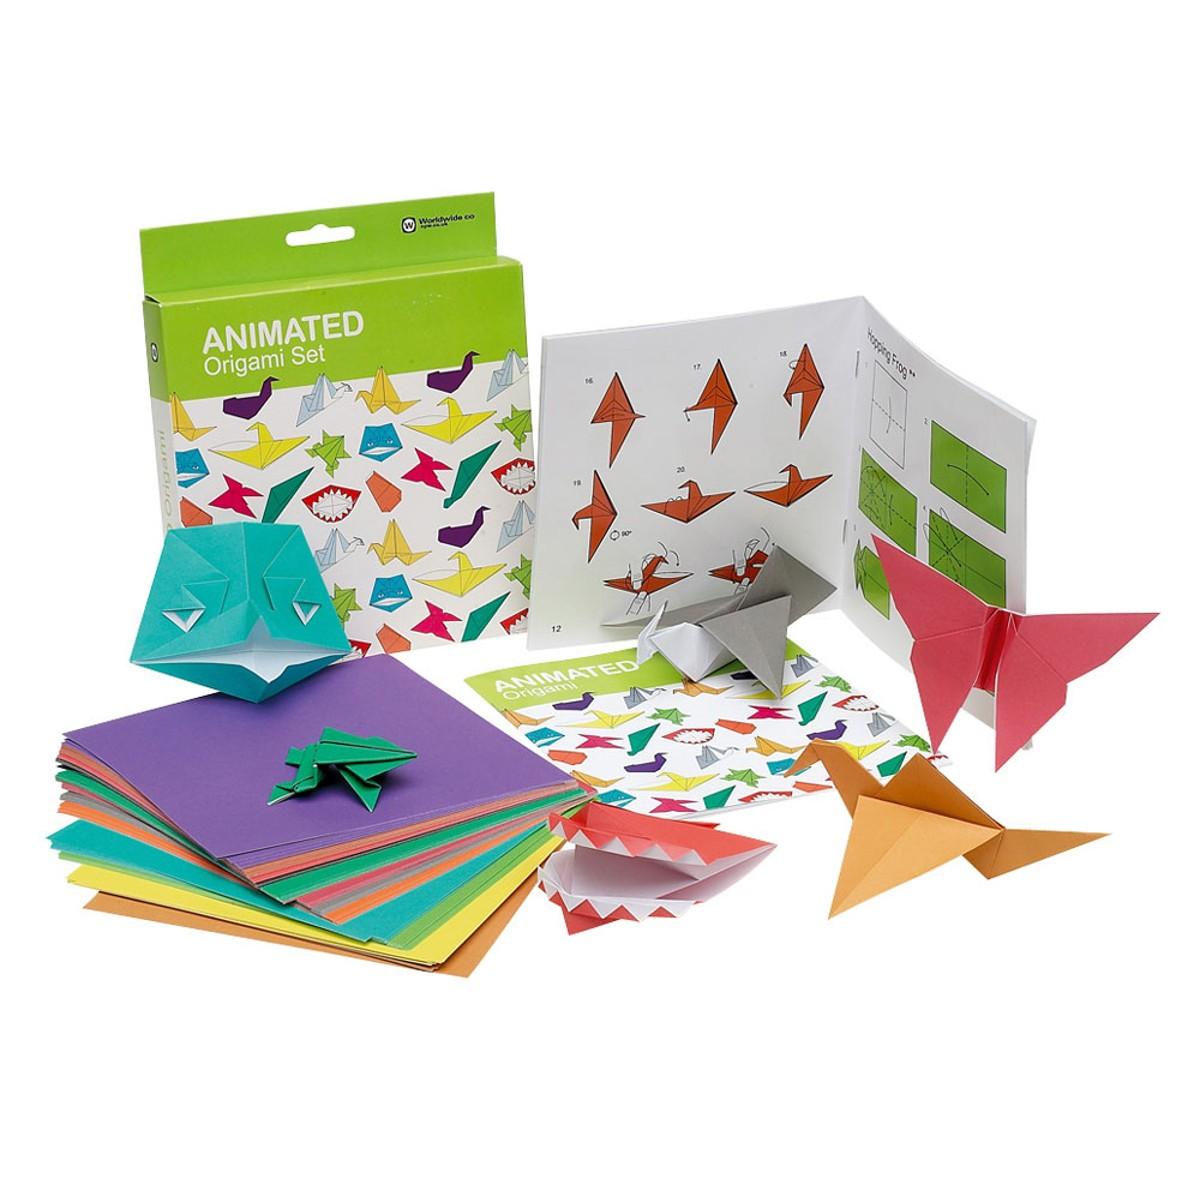 Zestaw origami - 100 arkuszy papieru